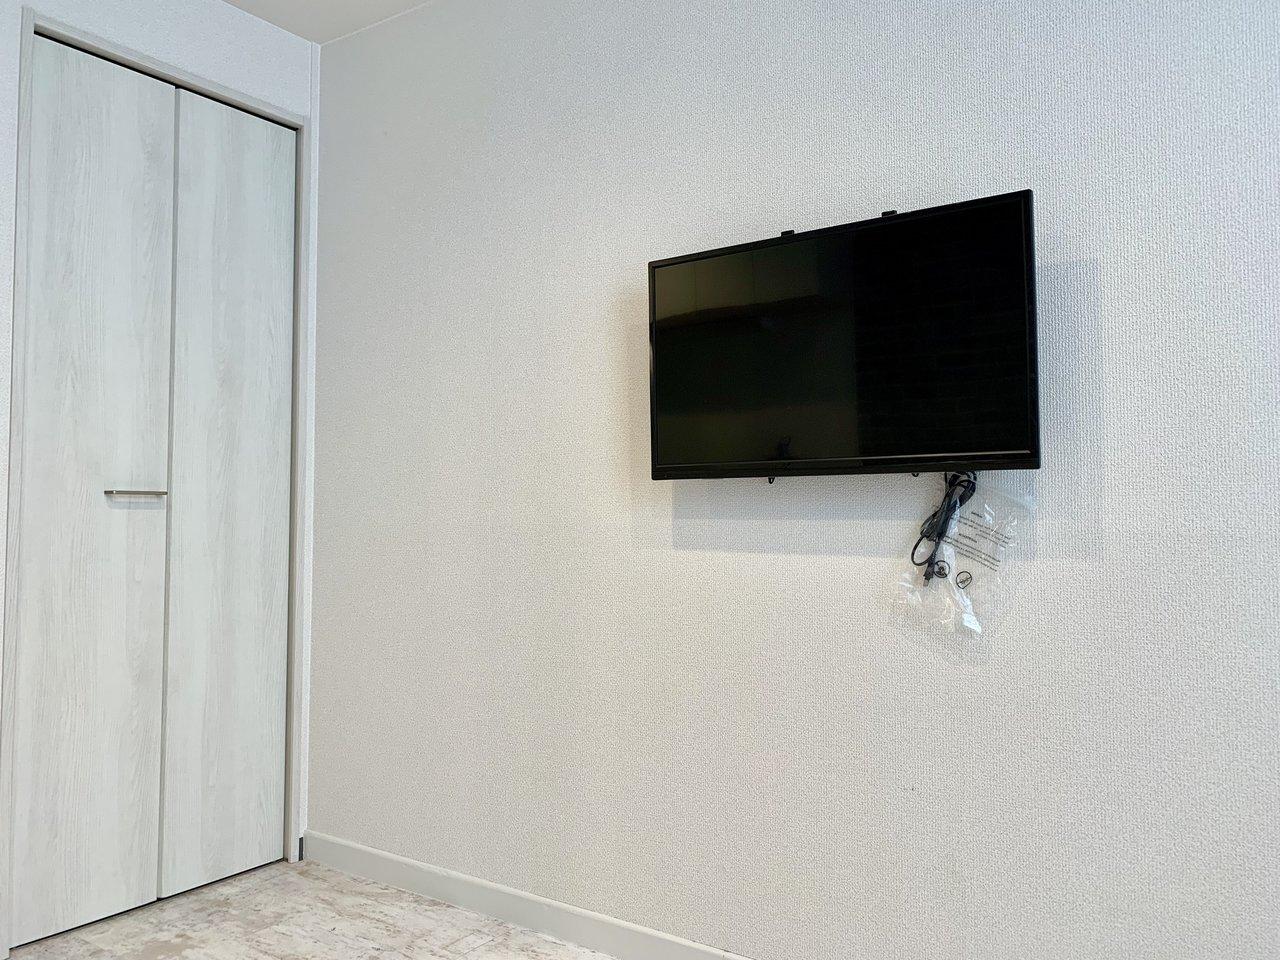 ベッドから見える位置には壁掛けのテレビが!これはありがたい。